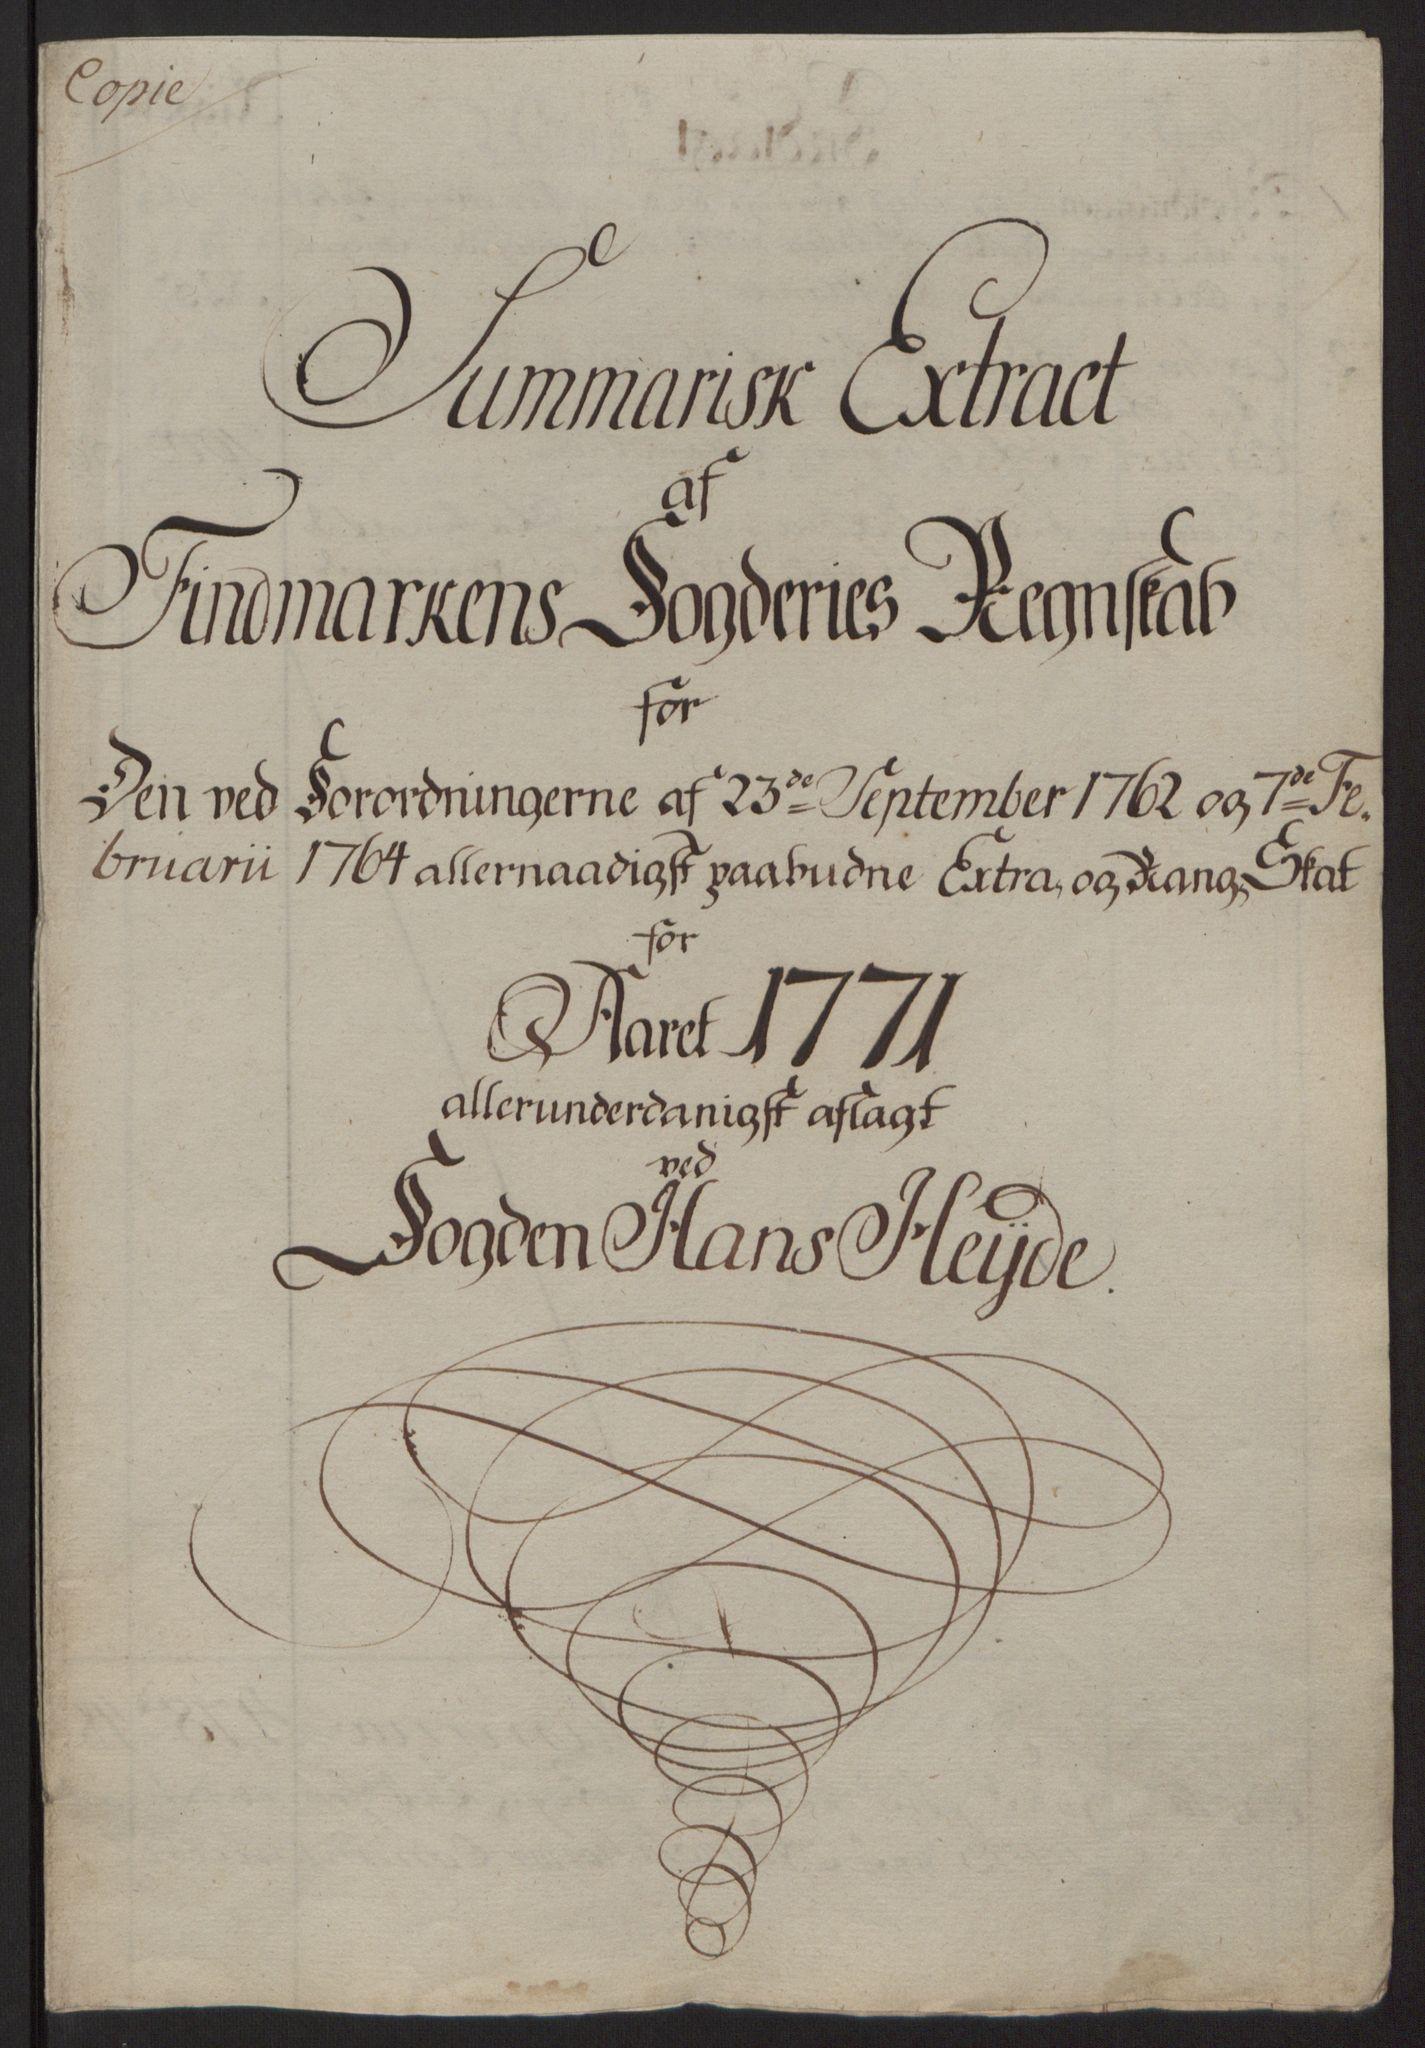 RA, Rentekammeret inntil 1814, Reviderte regnskaper, Fogderegnskap, R69/L4910: Ekstraskatten  Finnmark/Vardøhus, 1762-1772, s. 411